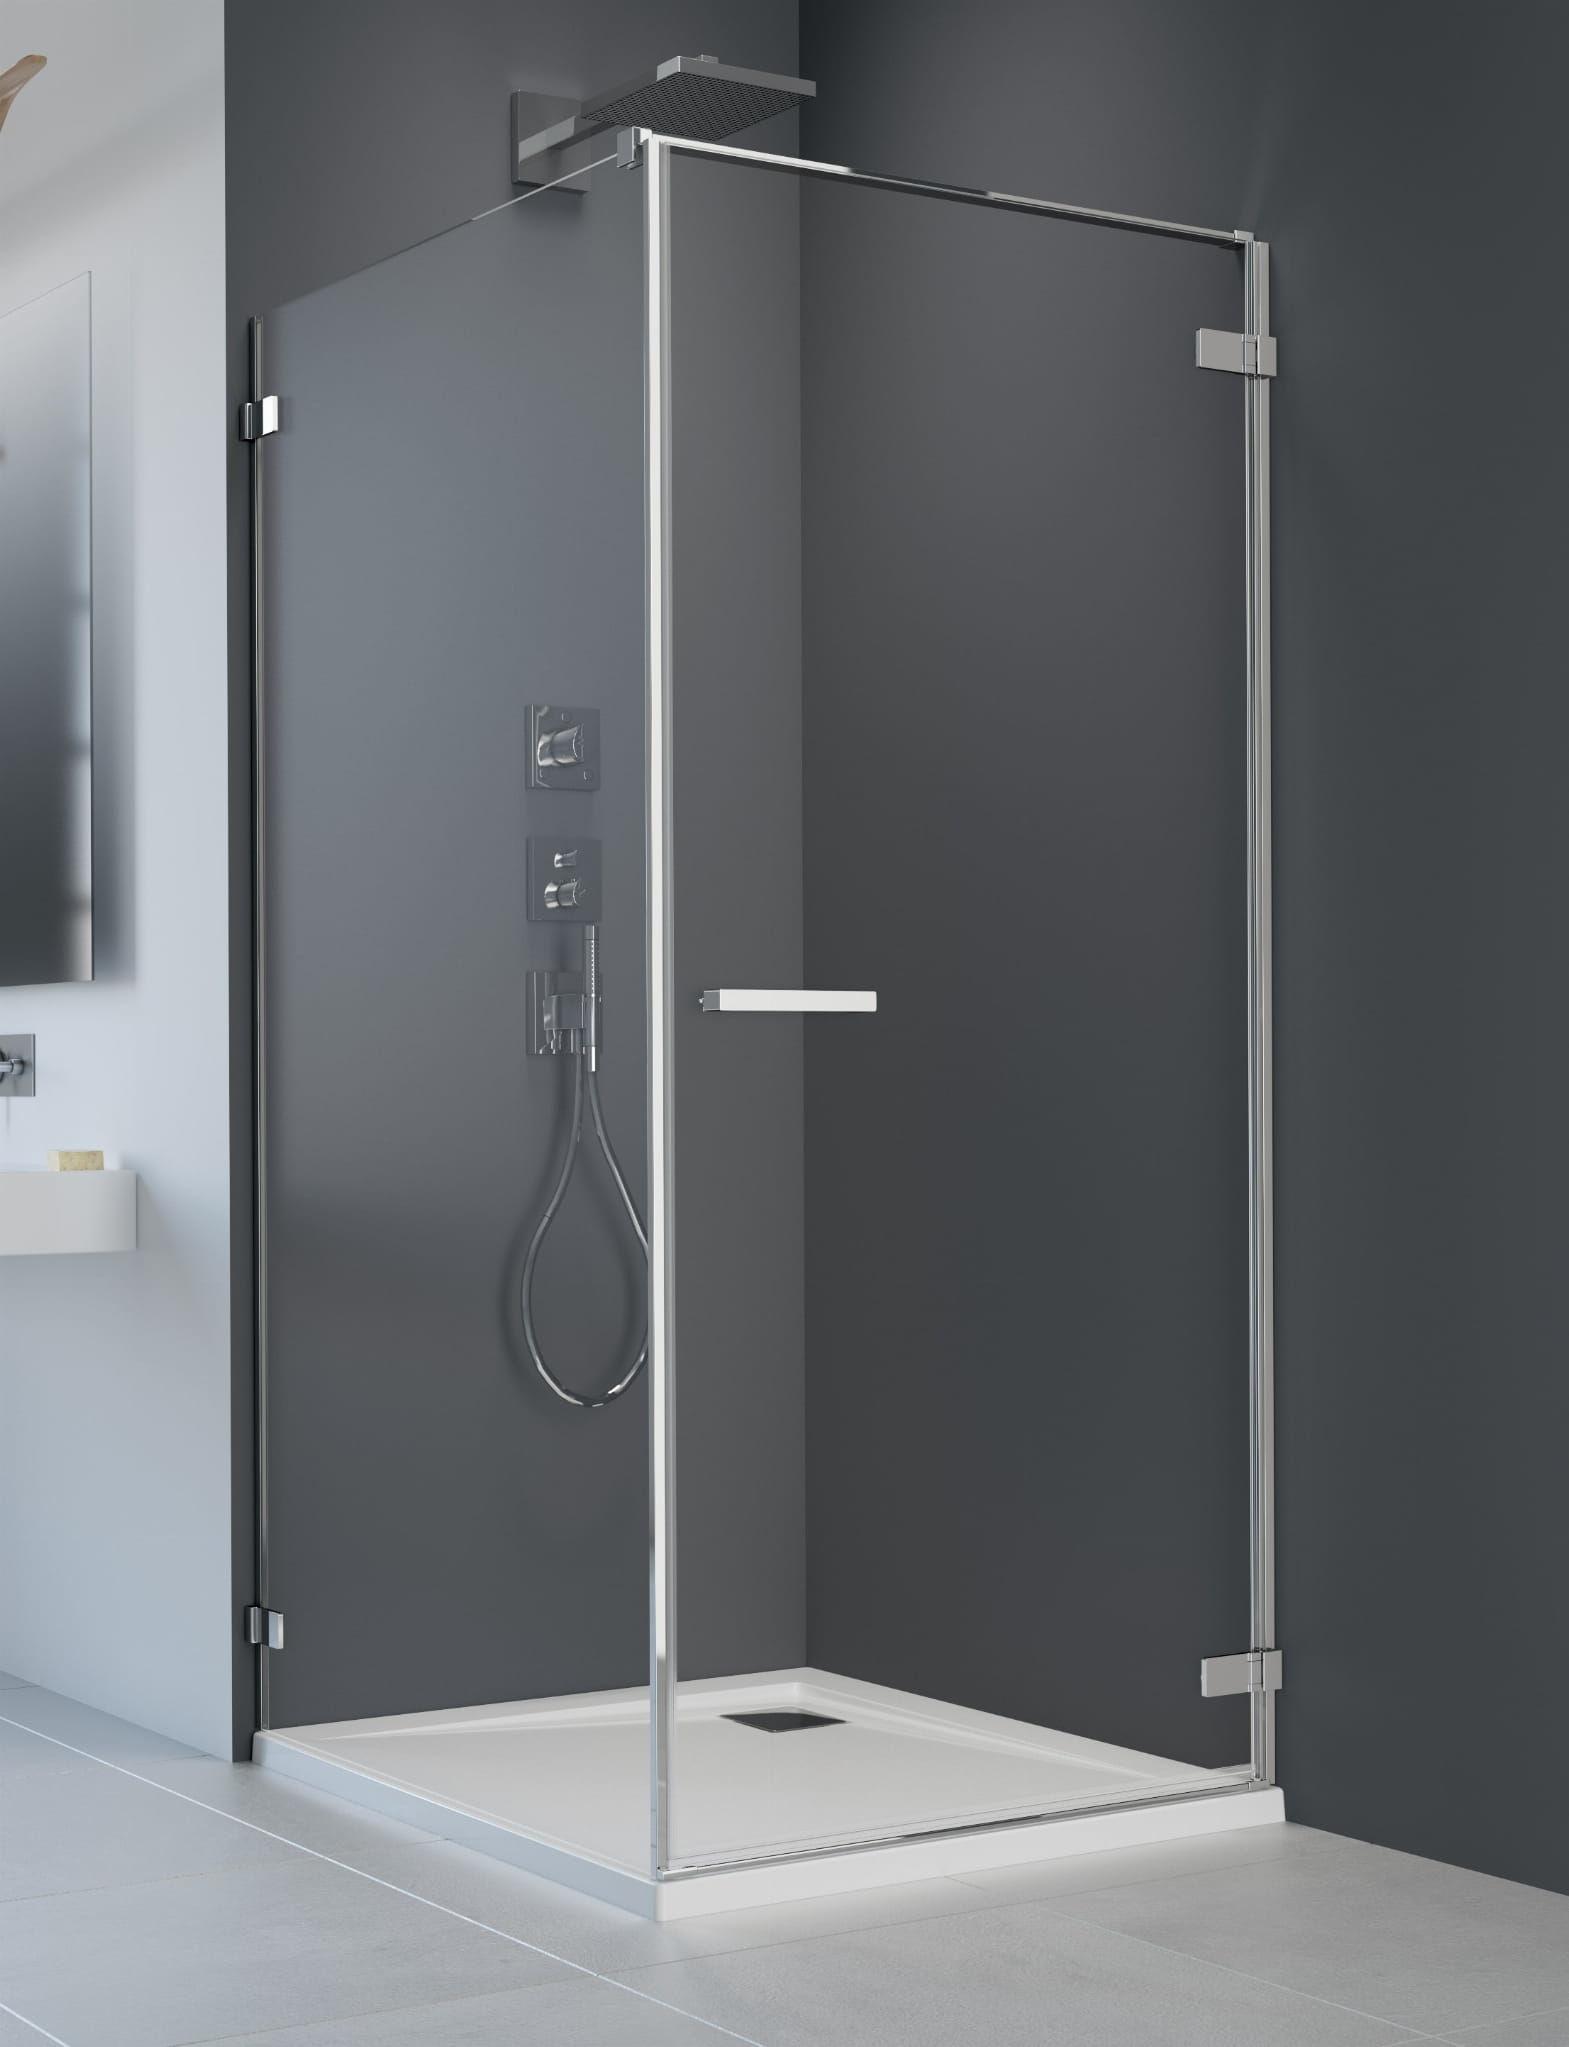 Kabina Radaway Arta KDJ I drzwi prawe 80 cm x ścianka 75, szkło przejrzyste wys. 200 cm, 386081-03-01R/386018-03-01